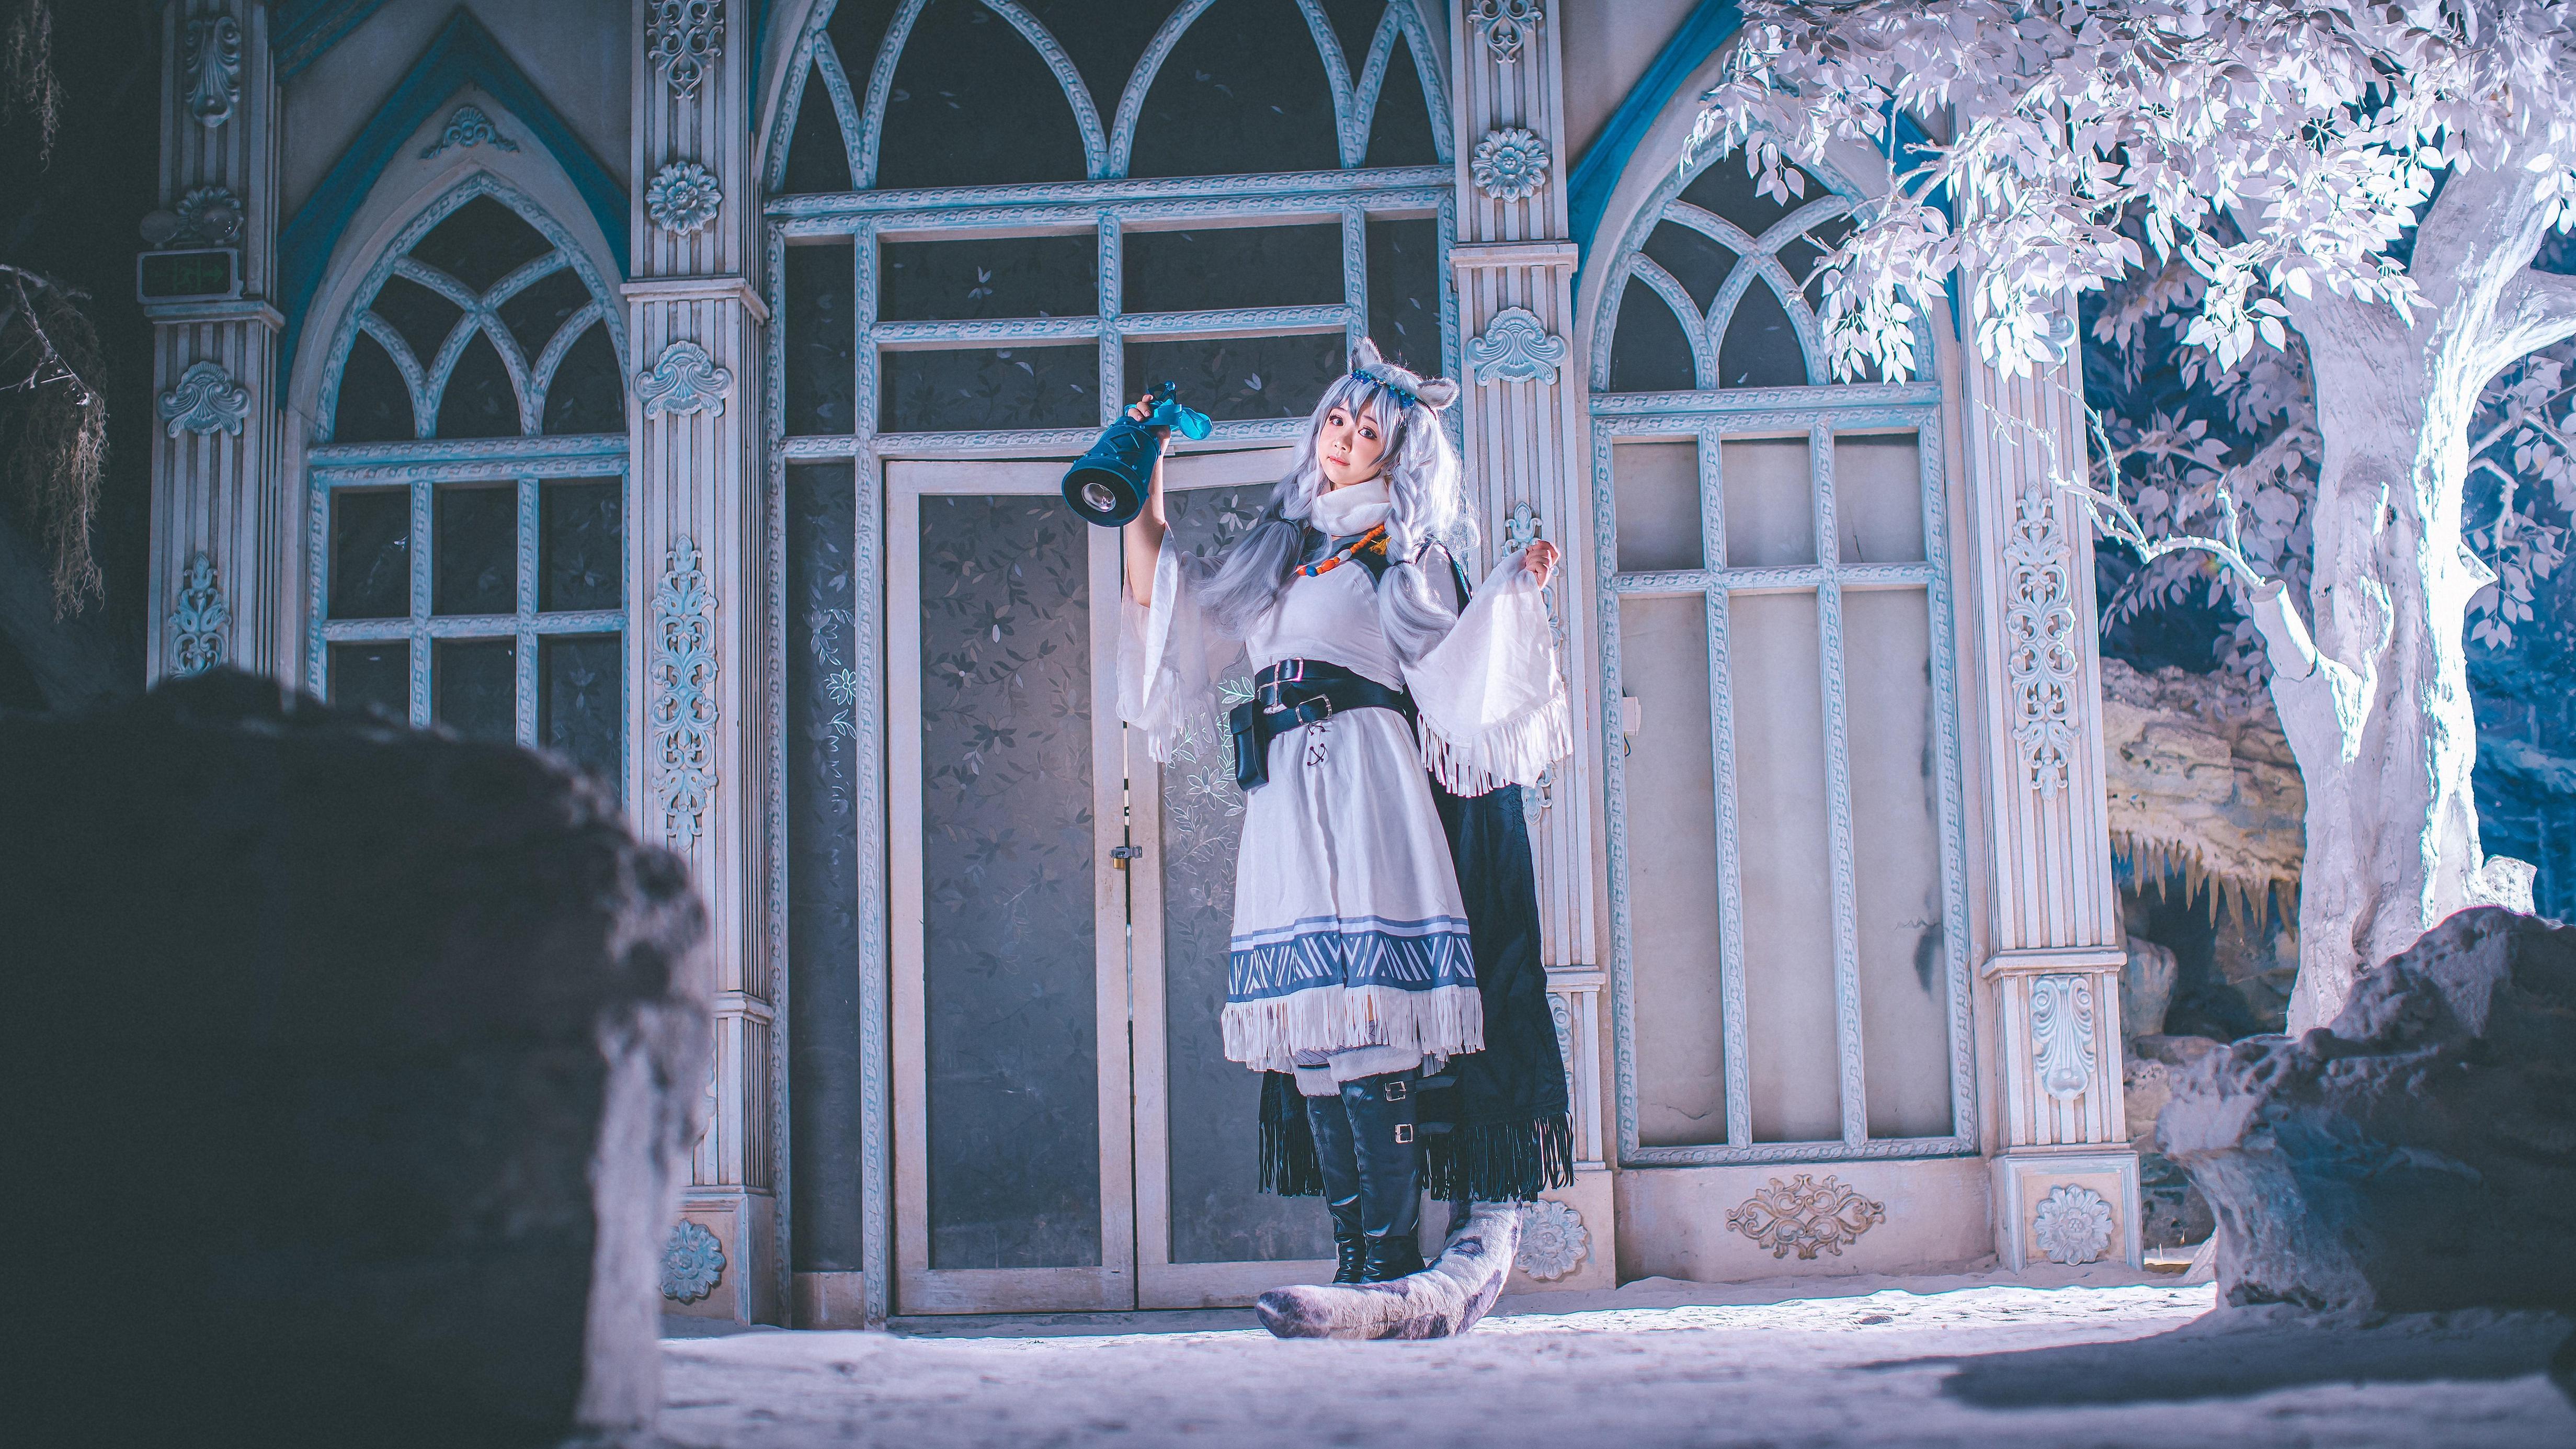 《明日方舟》明日方舟初雪cosplay【CN:爱鲤苏CHAOS】-第15张